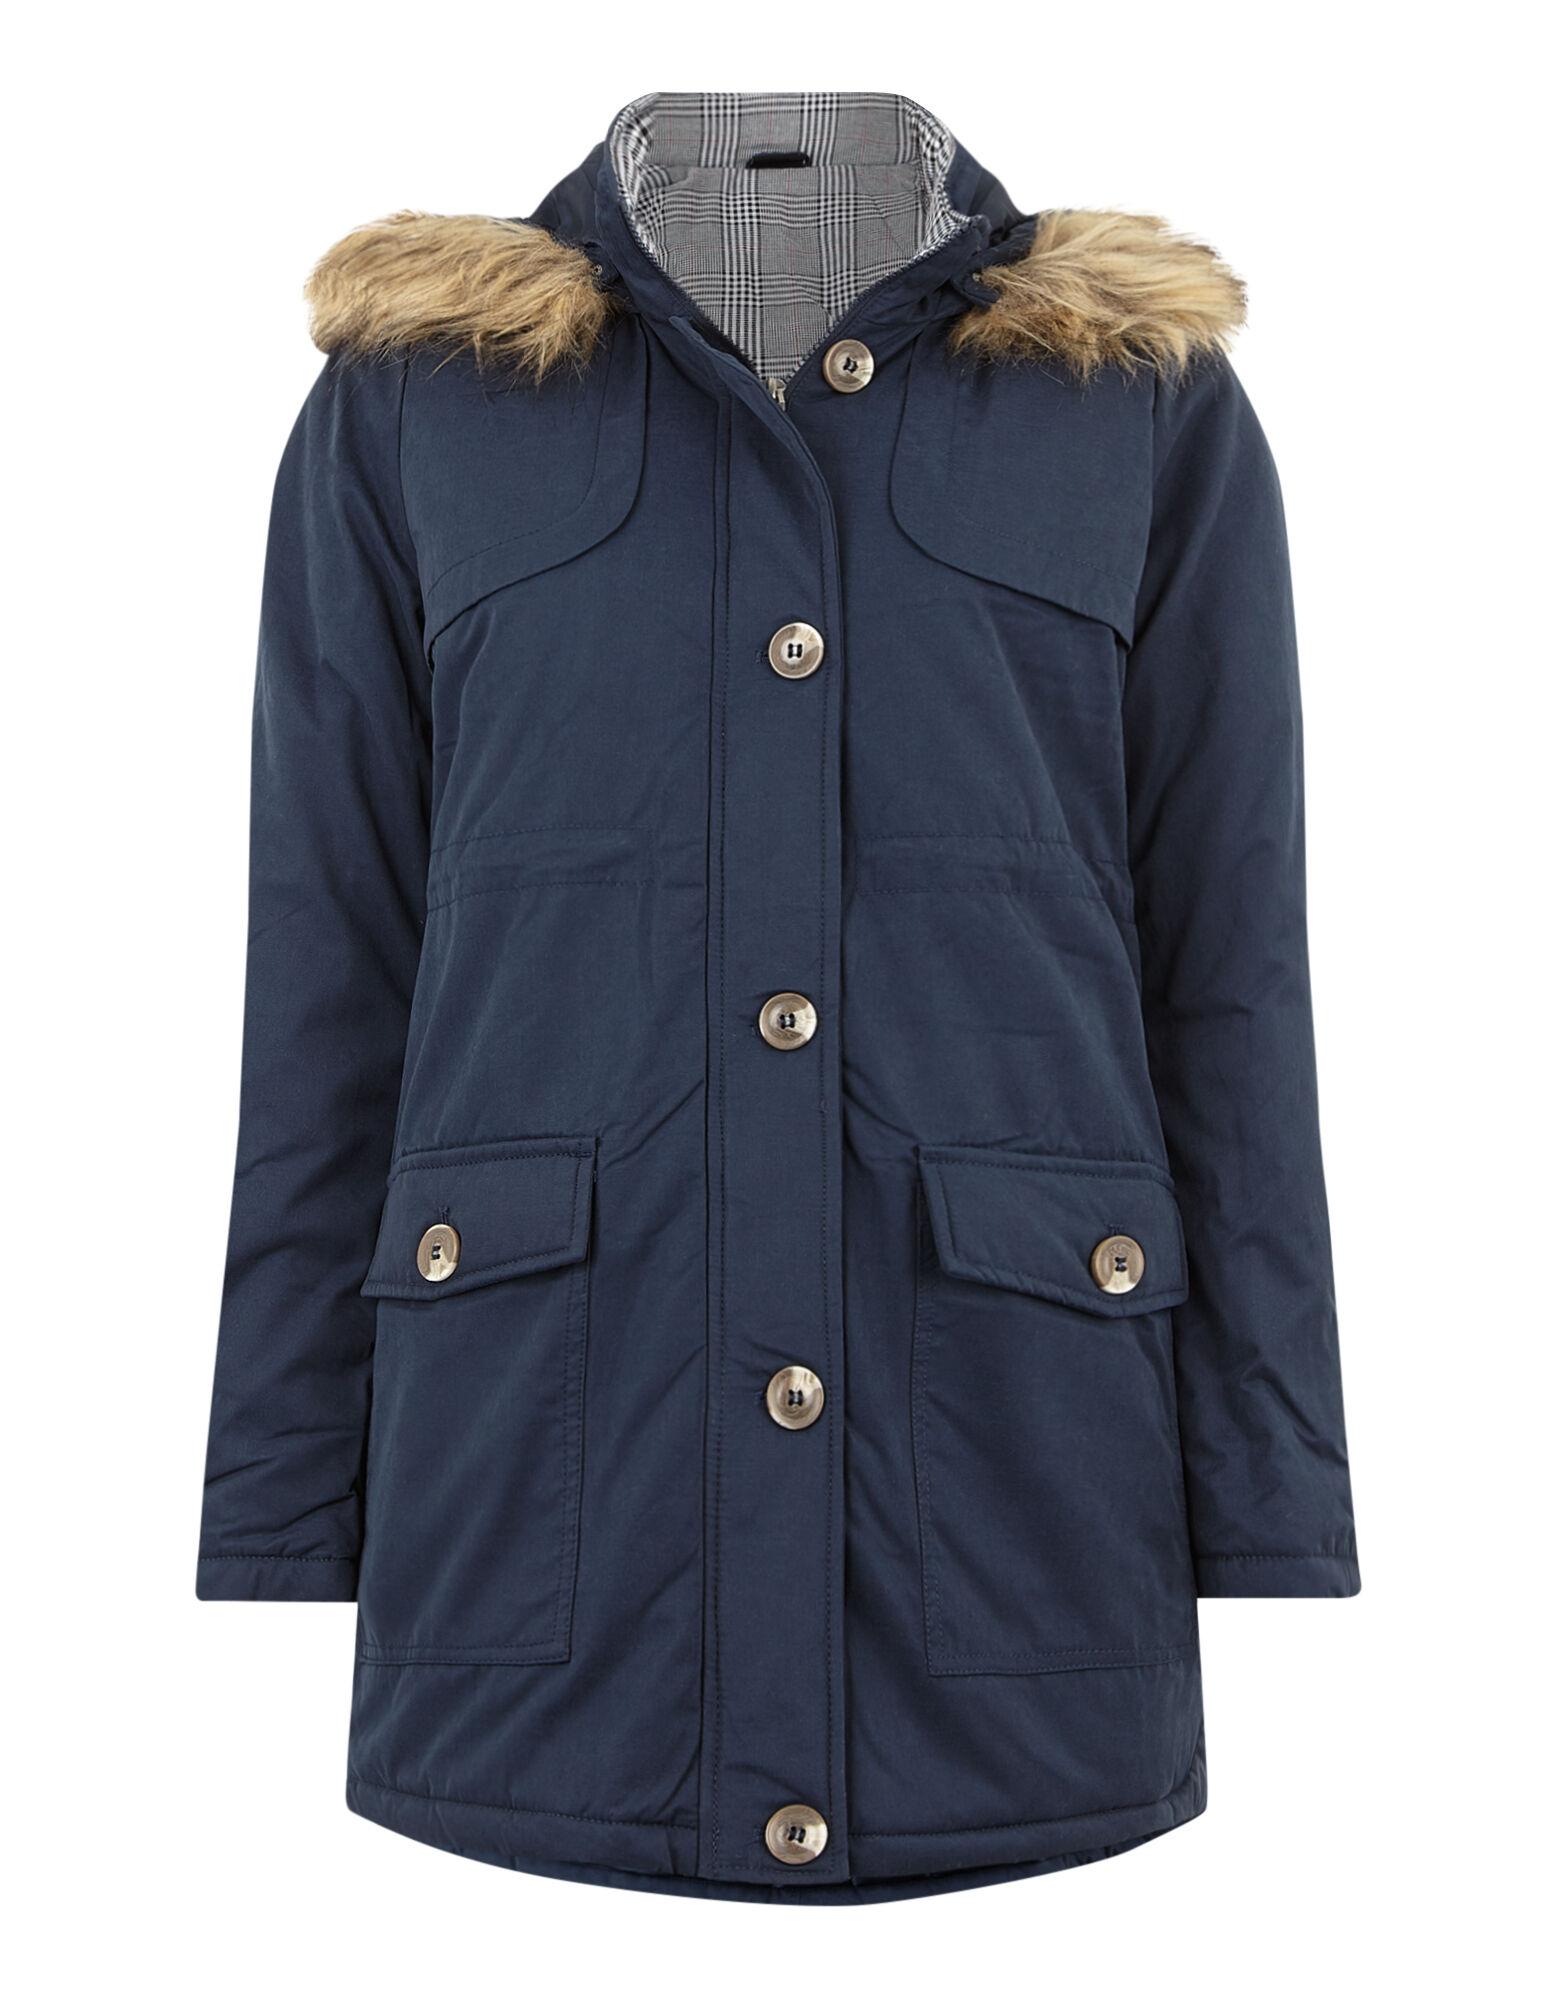 Damen Jacken günstig online kaufen</div>             </div>   </div>       </div>     <div class=